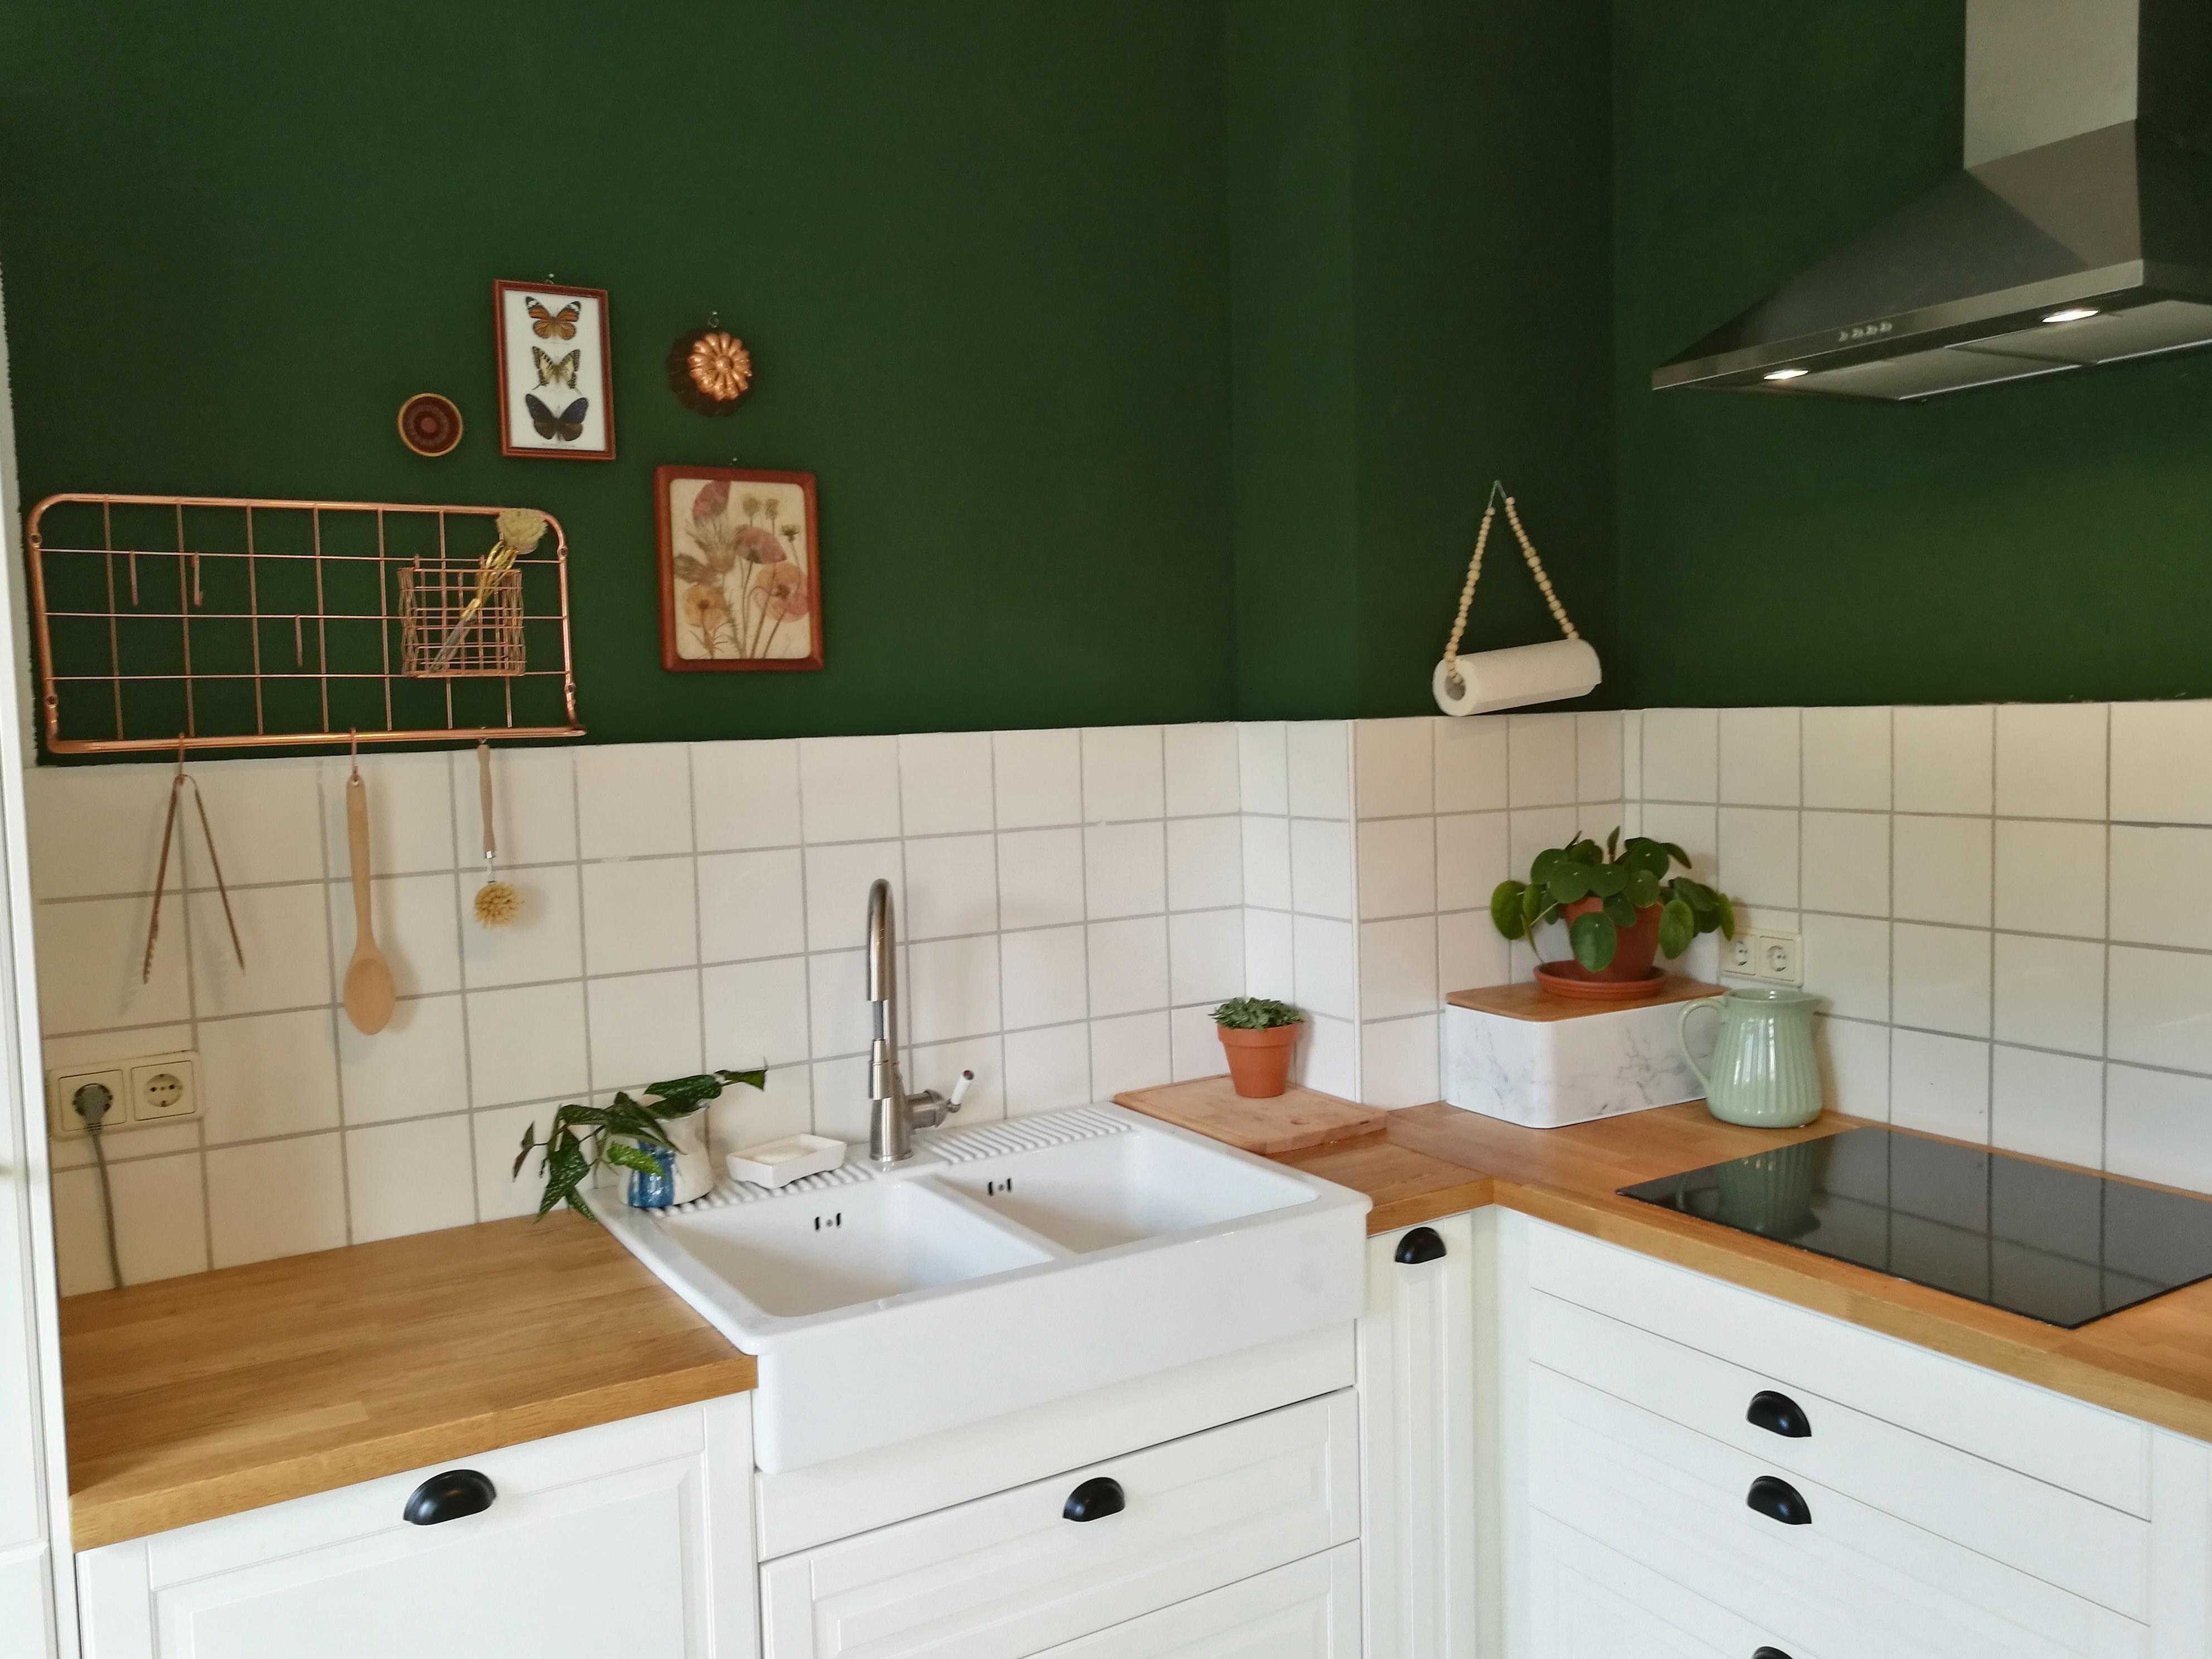 meineküche #kitchen #green #ikea  Grüne küchenwände, Rustikale